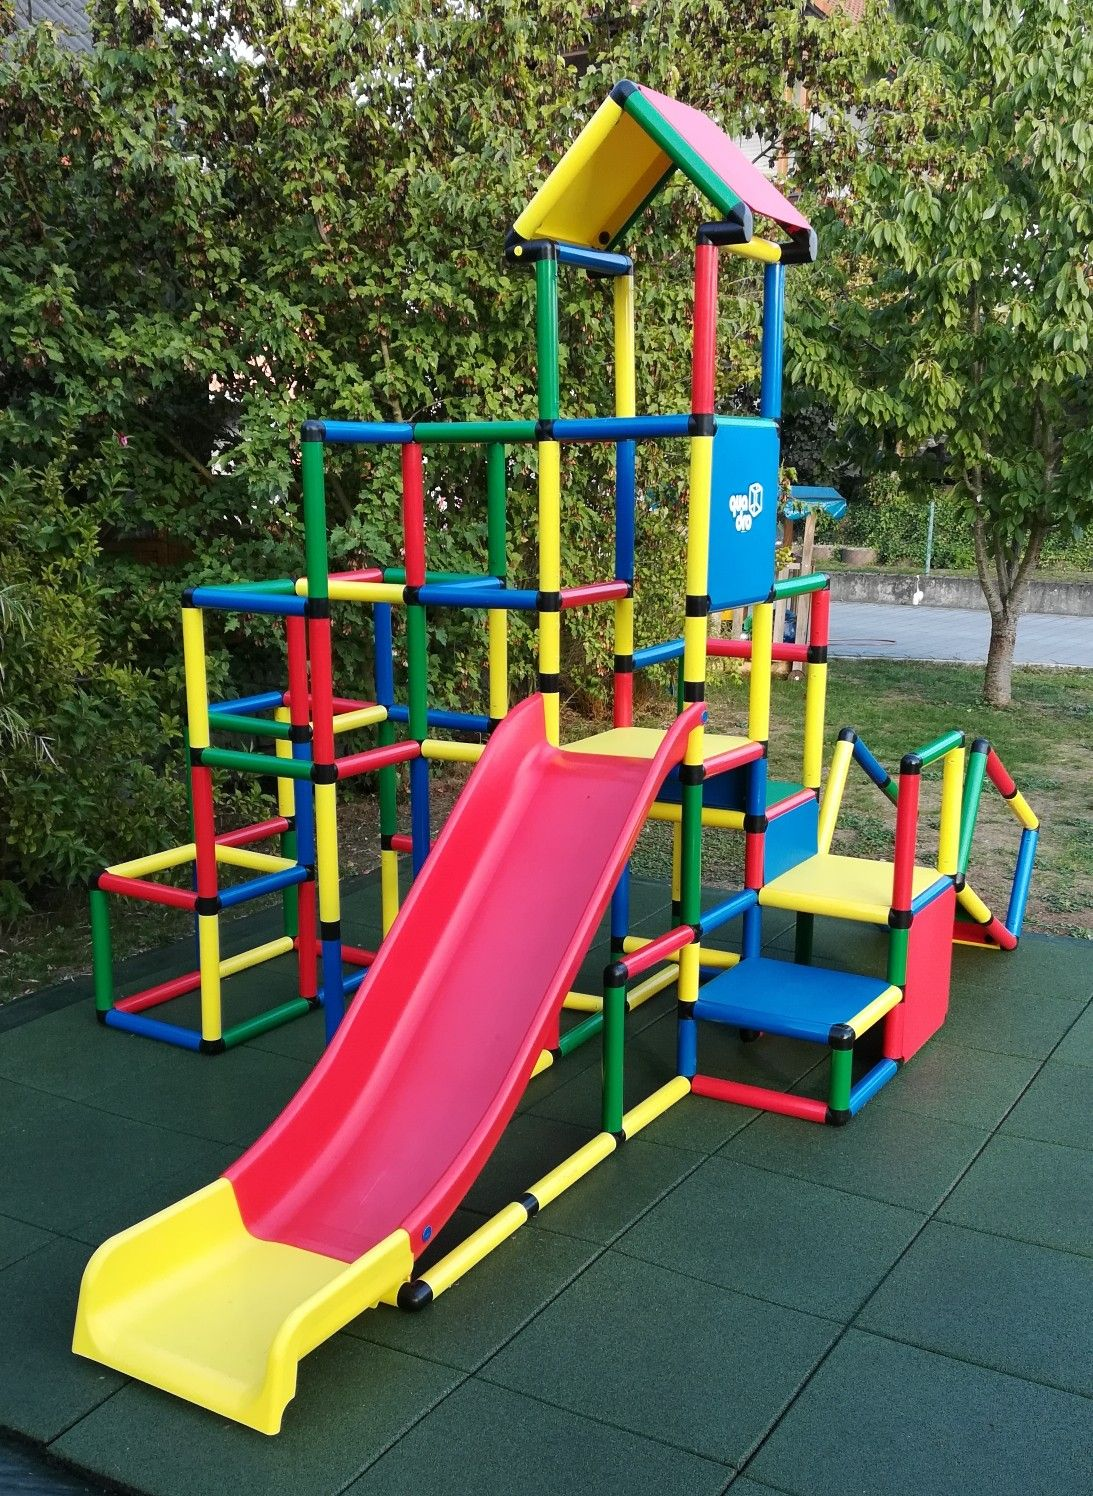 Pin Von Danijela Zovak Auf Quadro Kletterpyramide Und Rutsche Quadro Klettergerust Spiele Im Garten Draussen Spielen